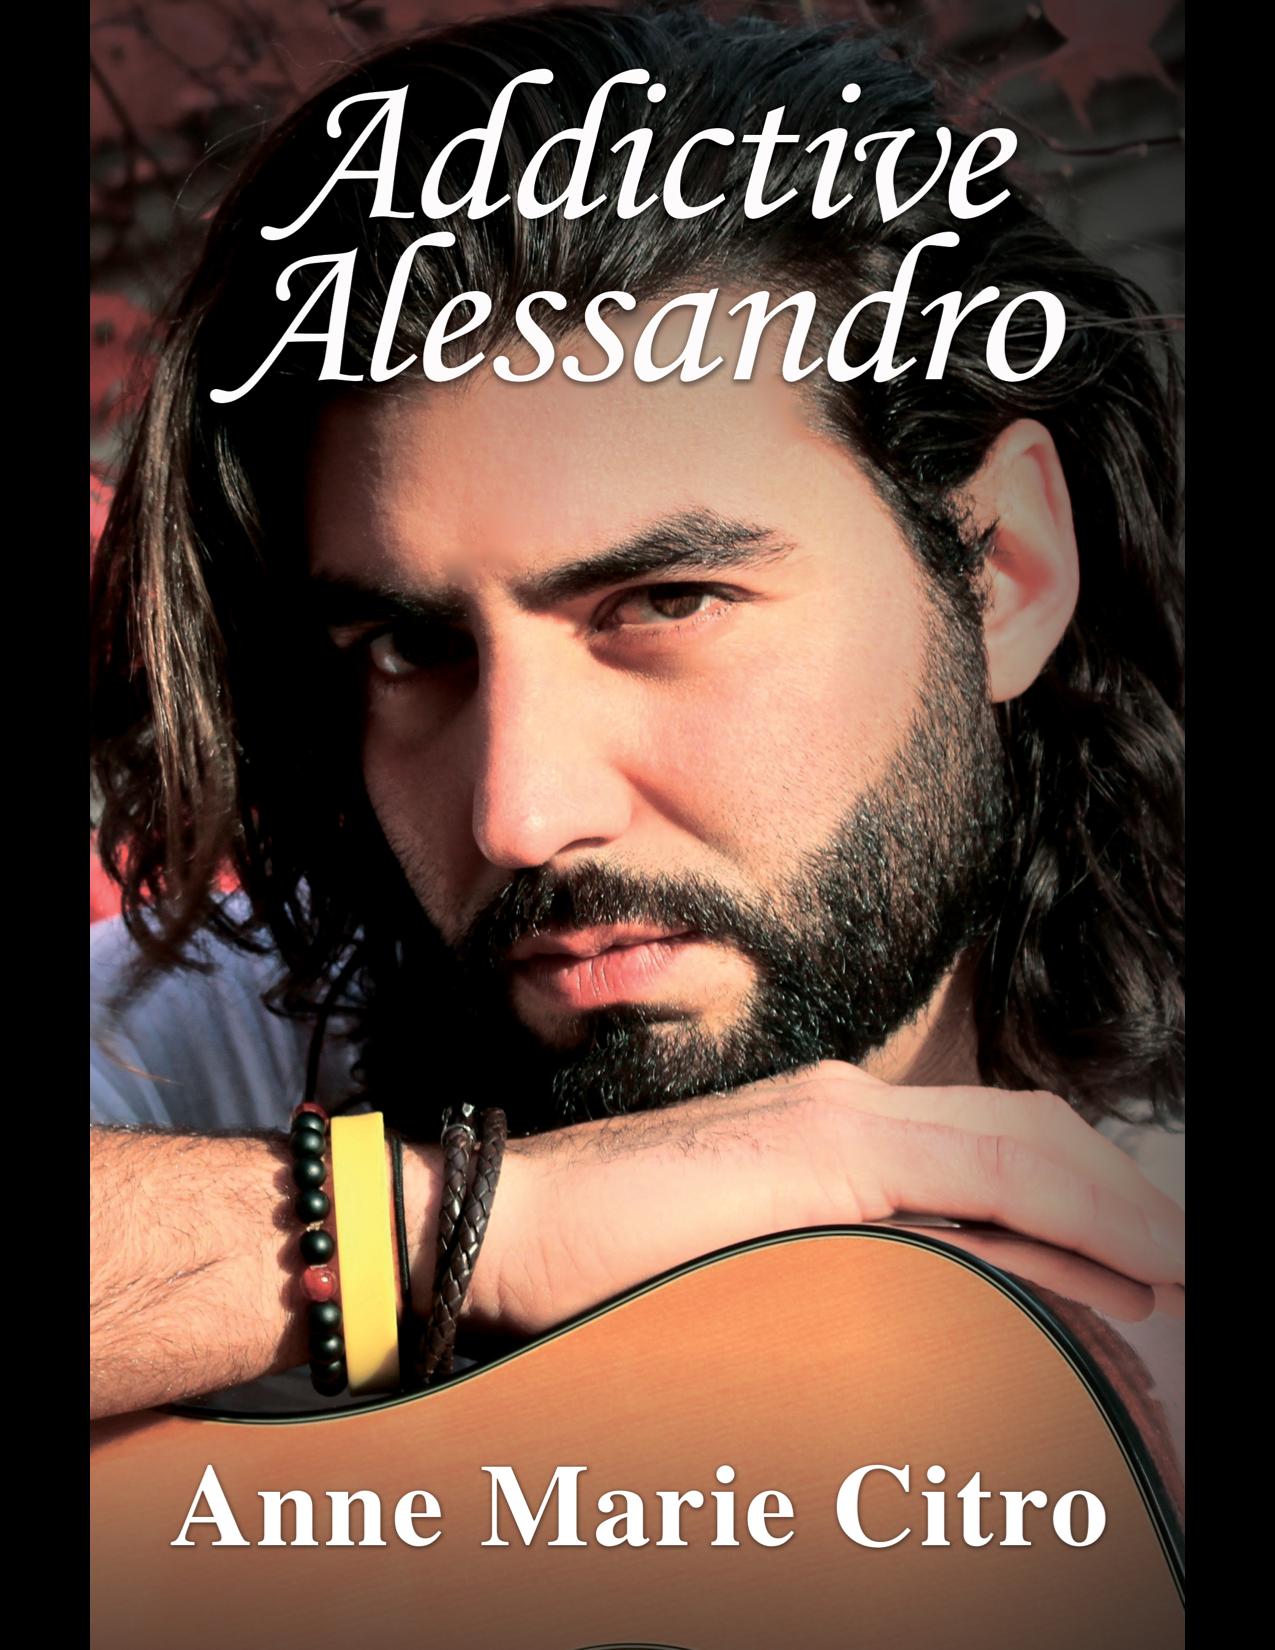 Addictive Alessandro cover